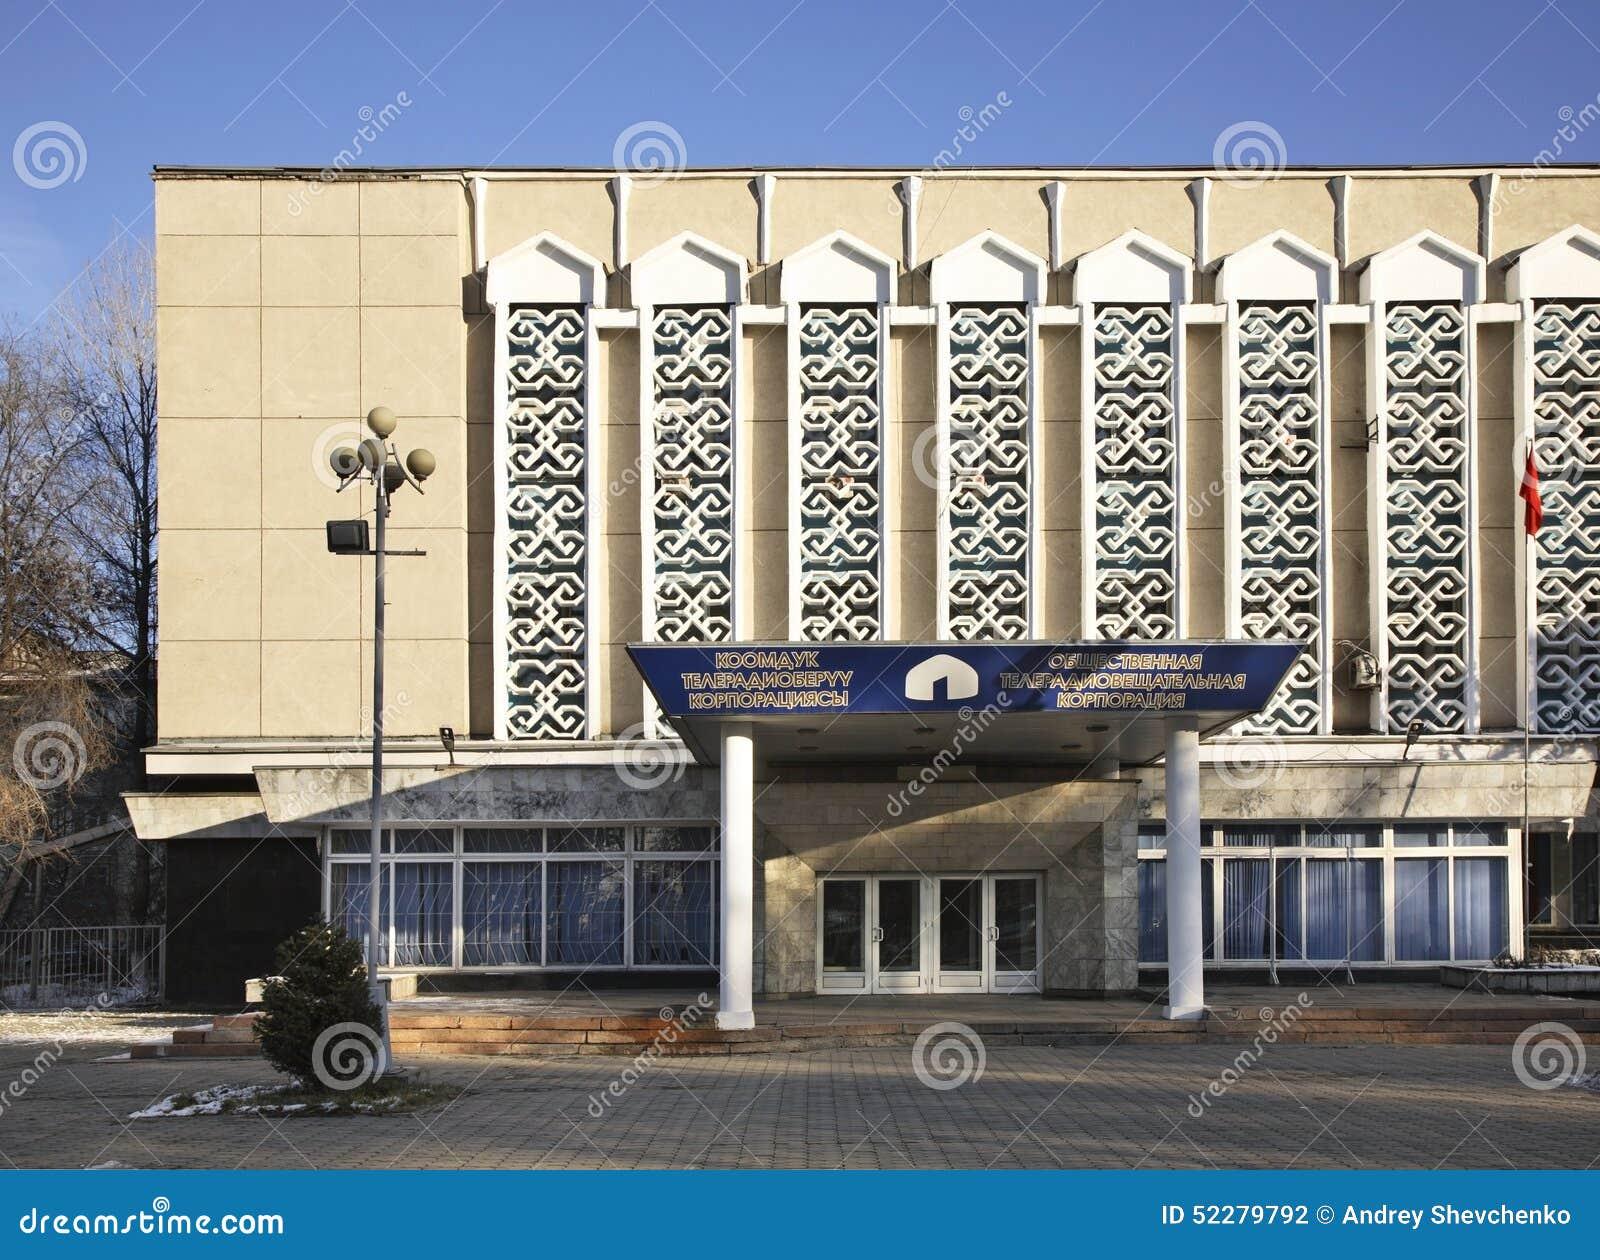 Telecentre大厦在比什凯克 吉尔吉斯斯坦